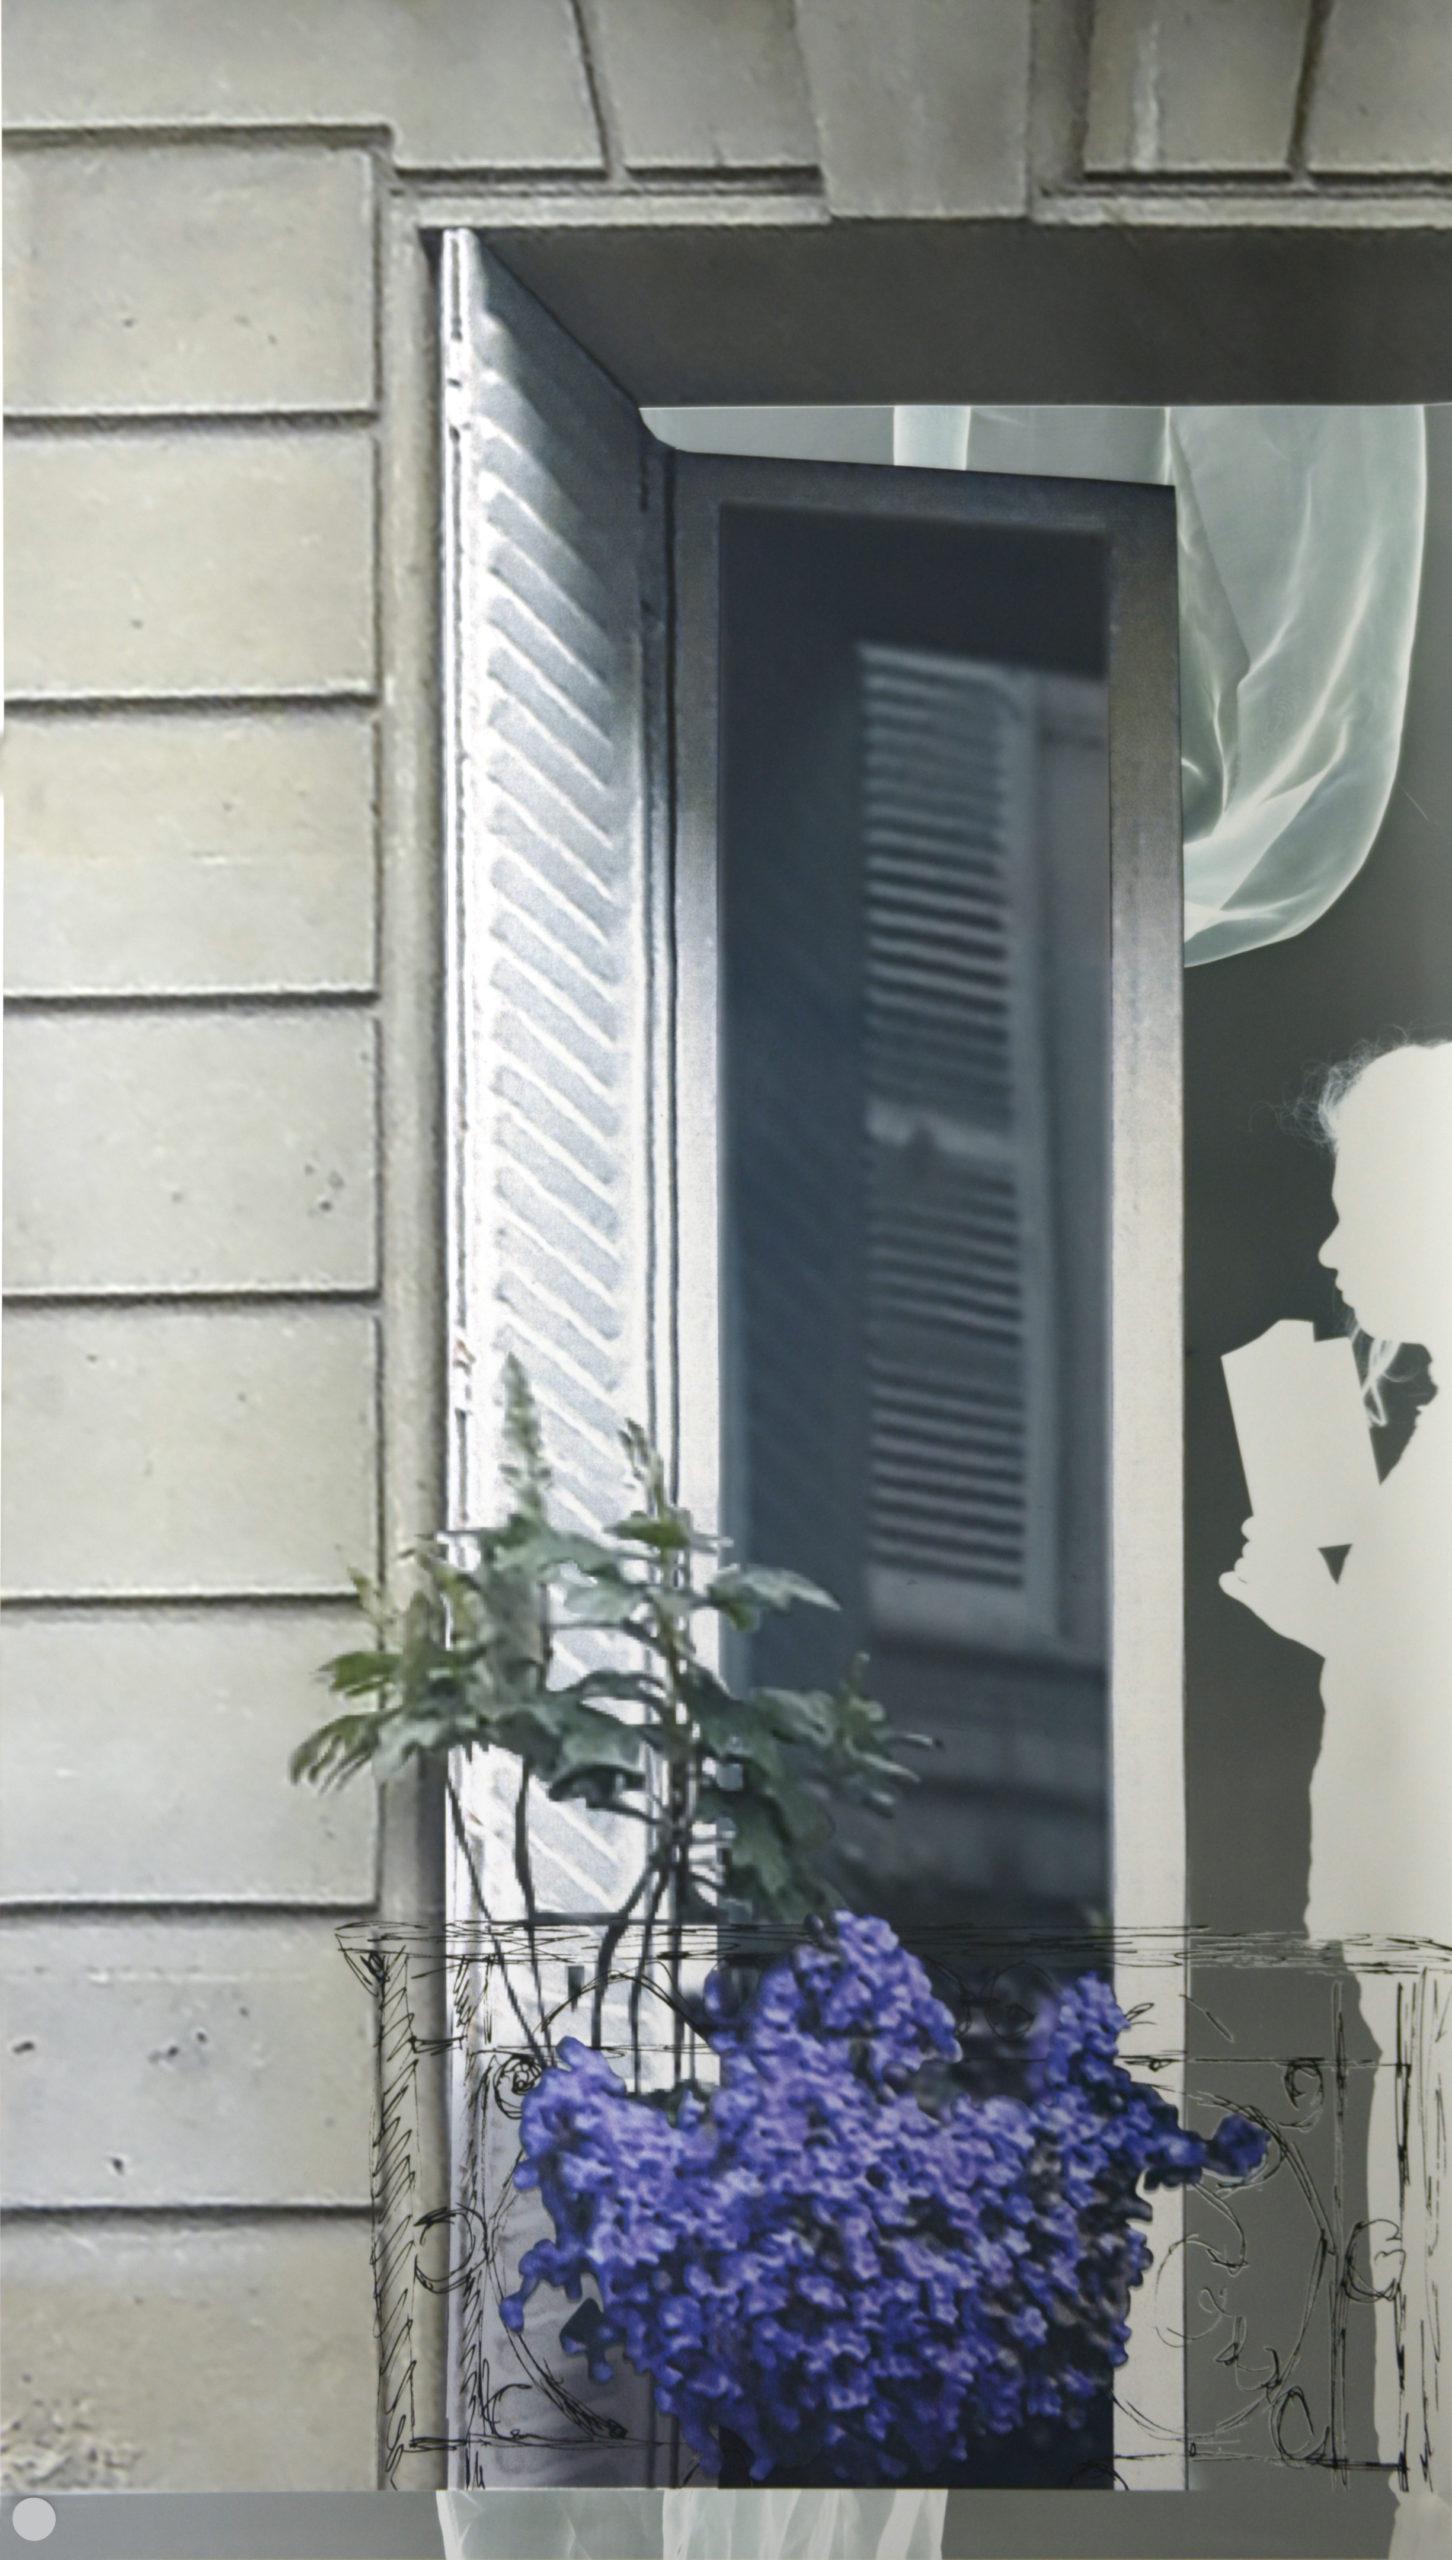 Baptiste Rabichon, «50bis, rue de Douai», 2019, série «Les balcons», 2017-2019,  épreuve chromogène unique dimensions variables, courtesy Galerie Paris-Beijing, Paris.